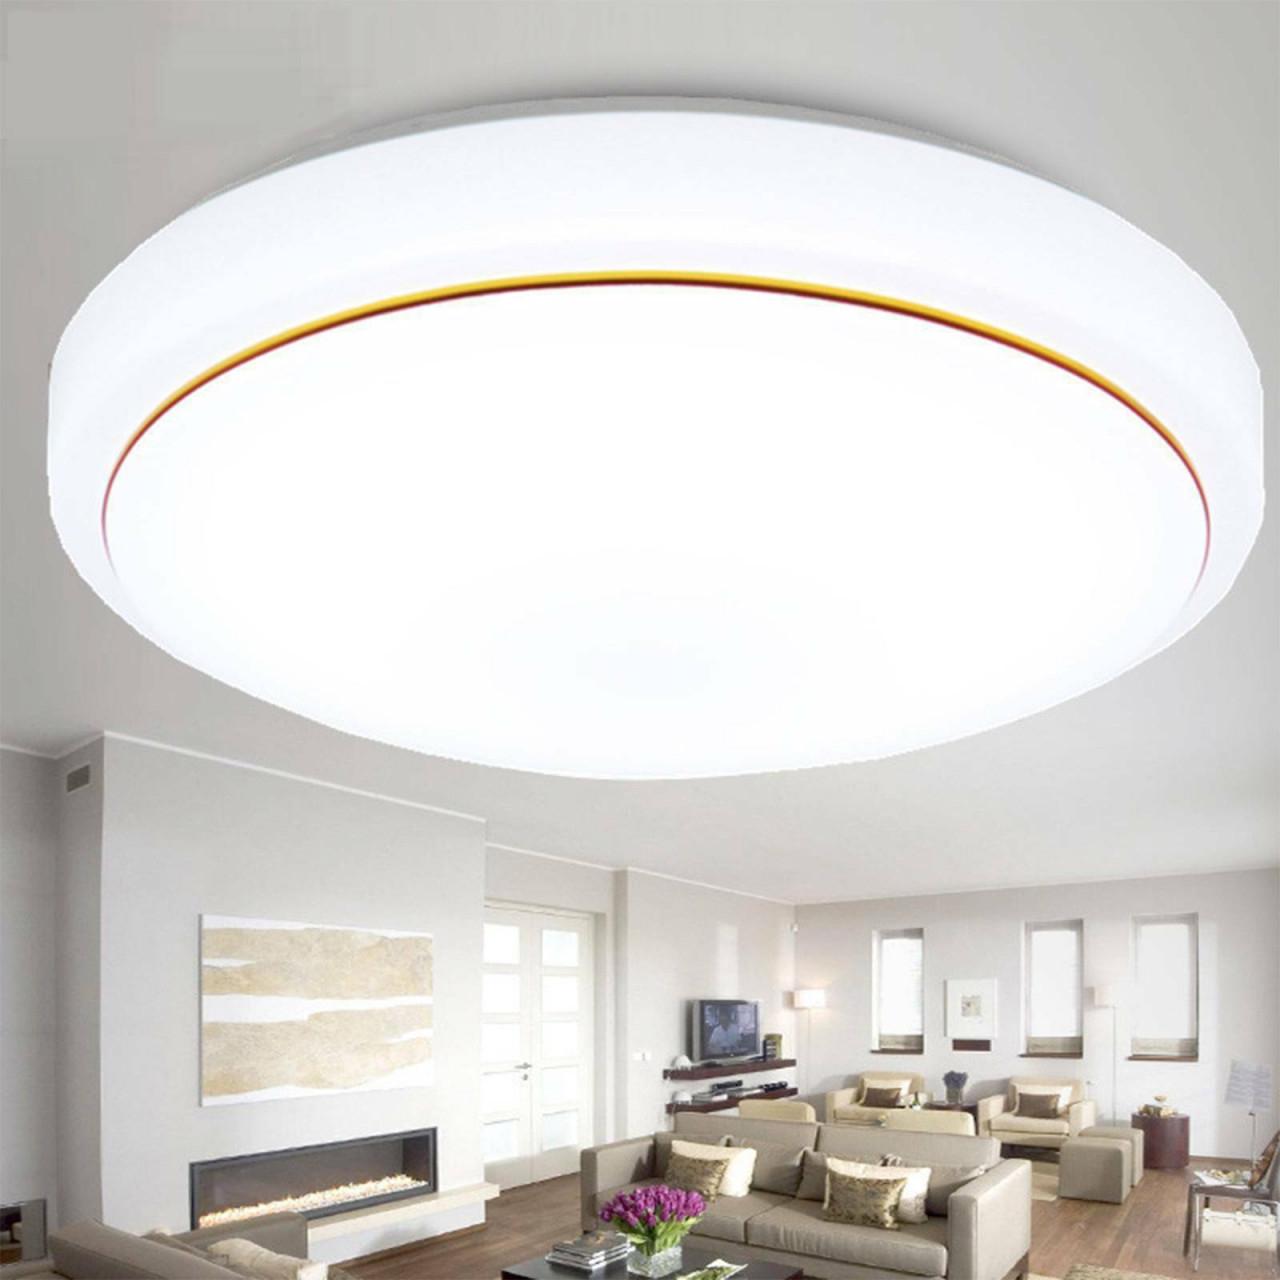 36W Led Deckenlampe Deckenleuchte Wohnzimmer Küchen Lampe Küche 40Cm Runde  Licht von Wohnzimmer Led Deckenlampe Bild